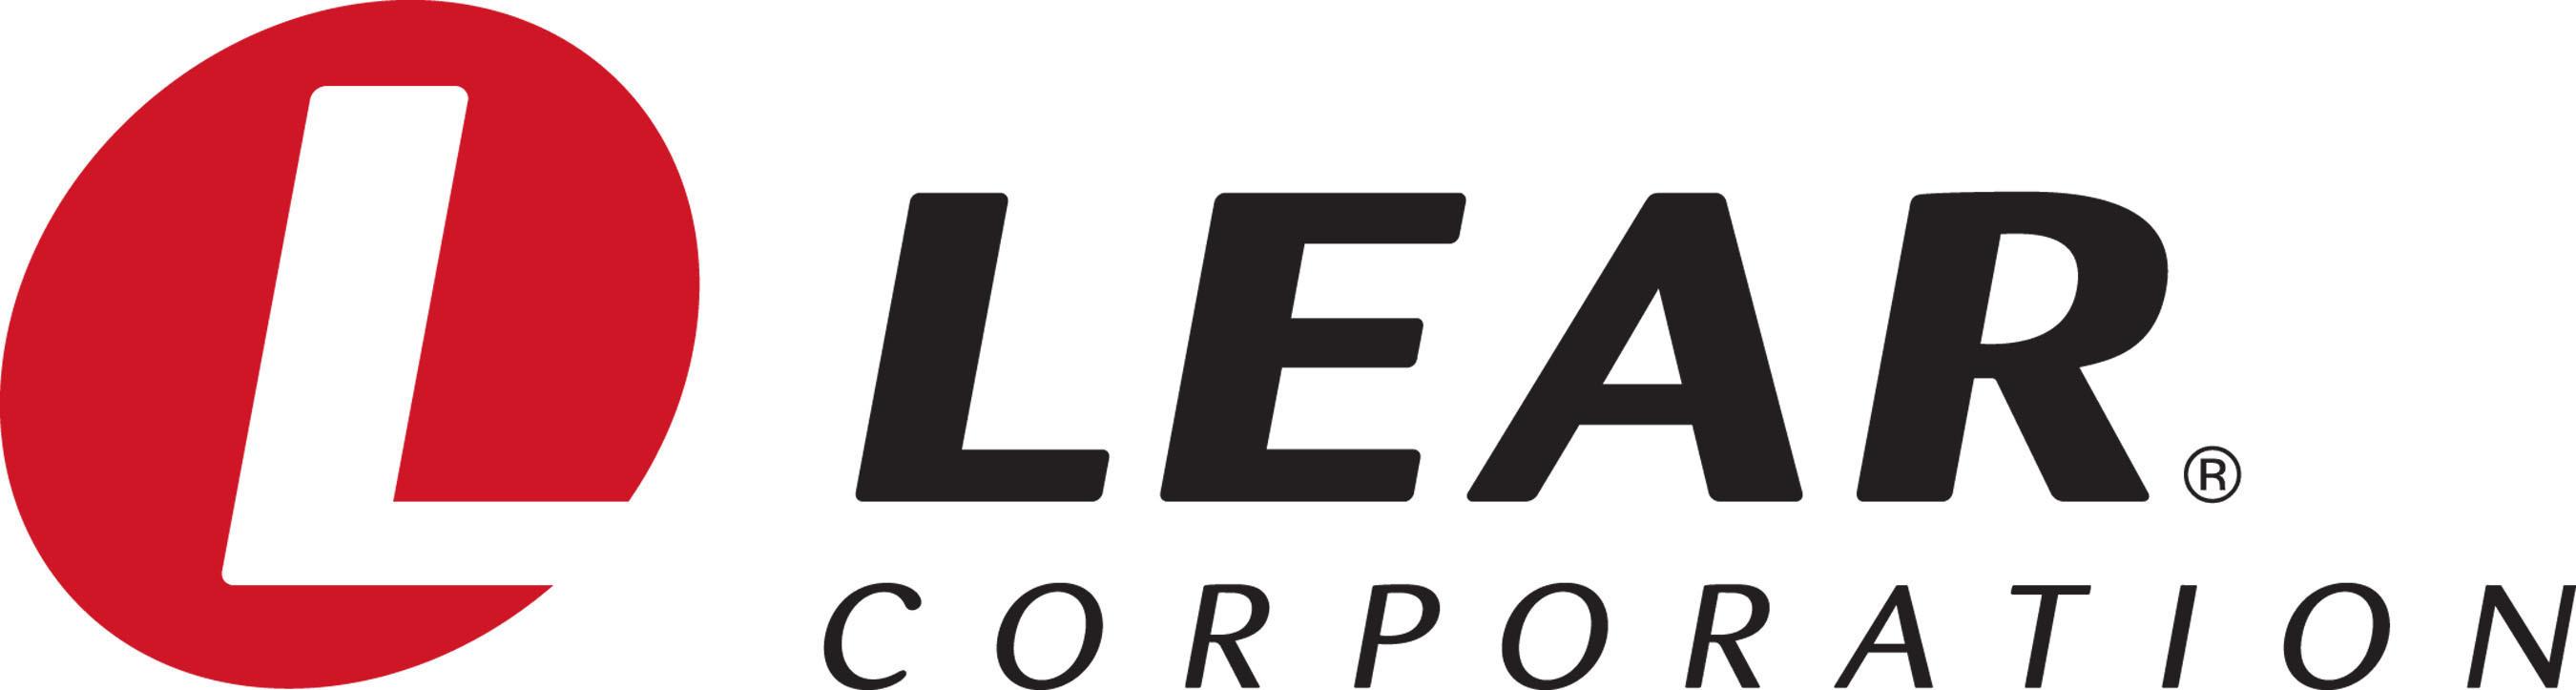 Lear Corporation patrocina a Jaguar en el Campeonato Mundial de la Fórmula  E de la FIA